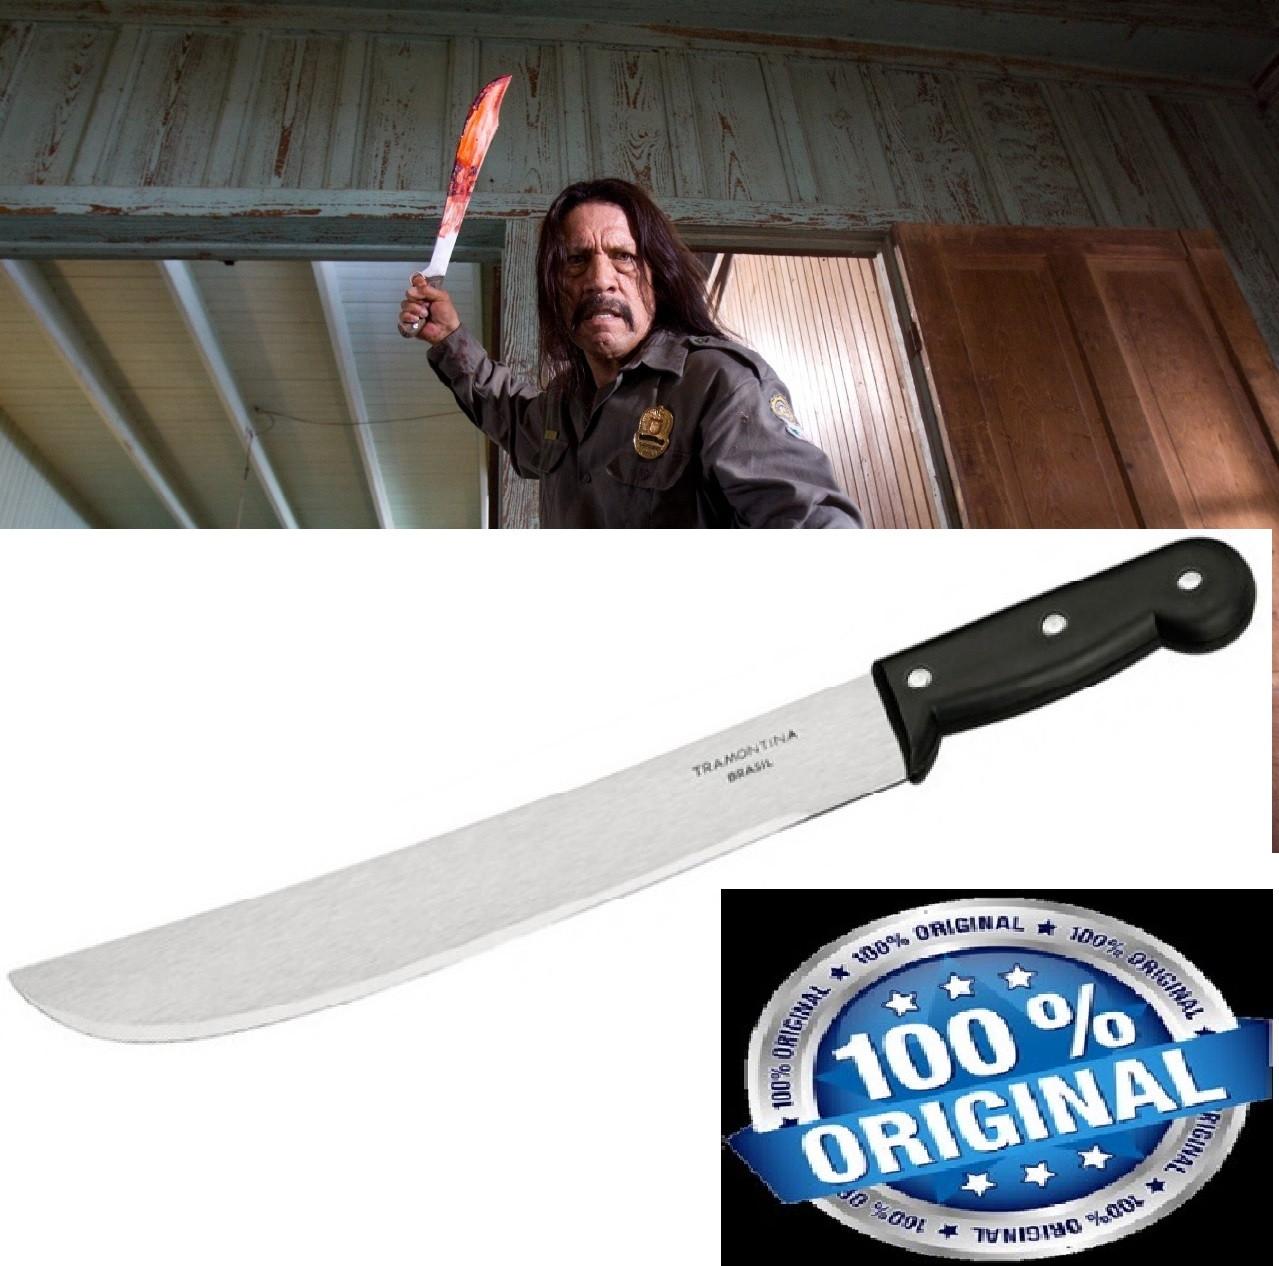 Мачете Tramontina Original. Большой нож топор Бразилия. Нож для выживания.